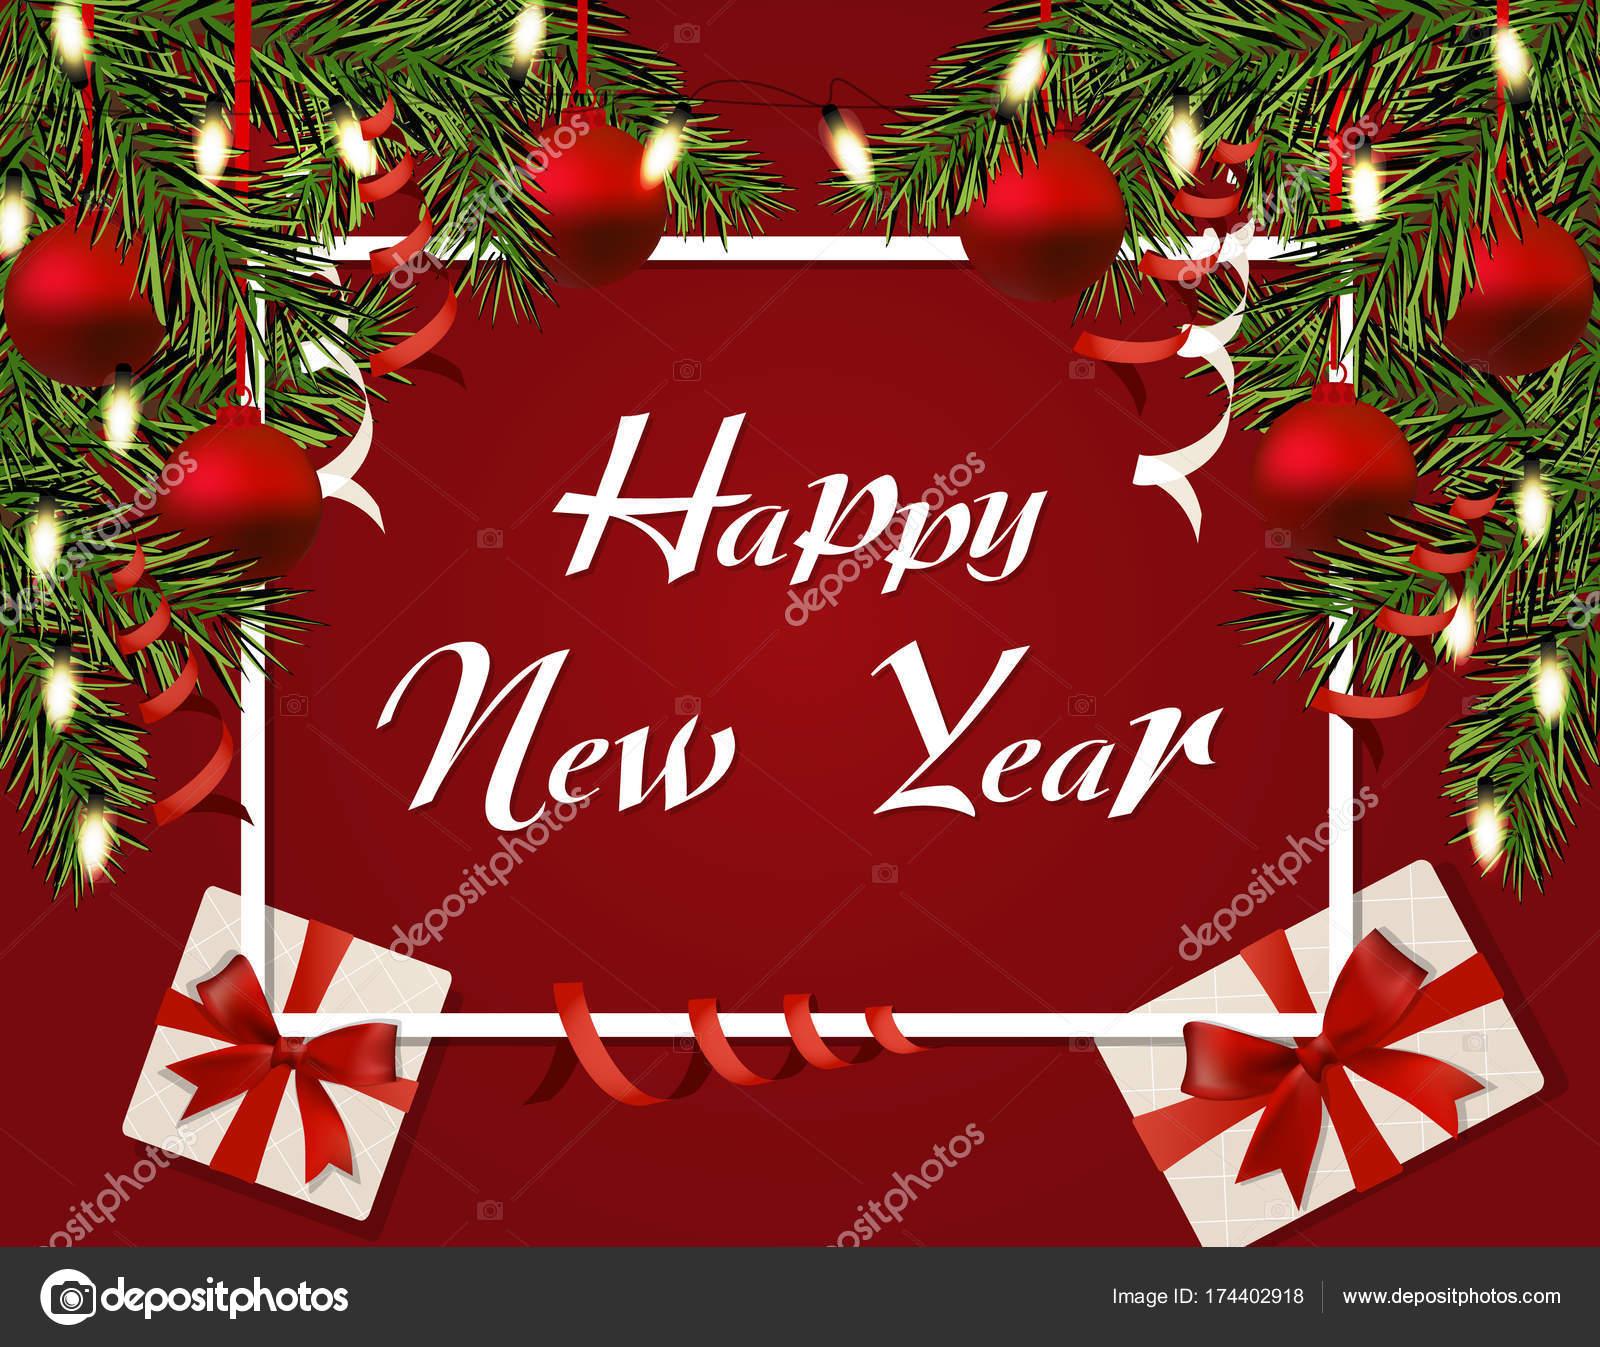 Nouvel An Noel De S Flyer Cartes Visite Postales Et Des Guirlandes Boules Rouges Cadeaux Glacons Branches Vertes Larbre